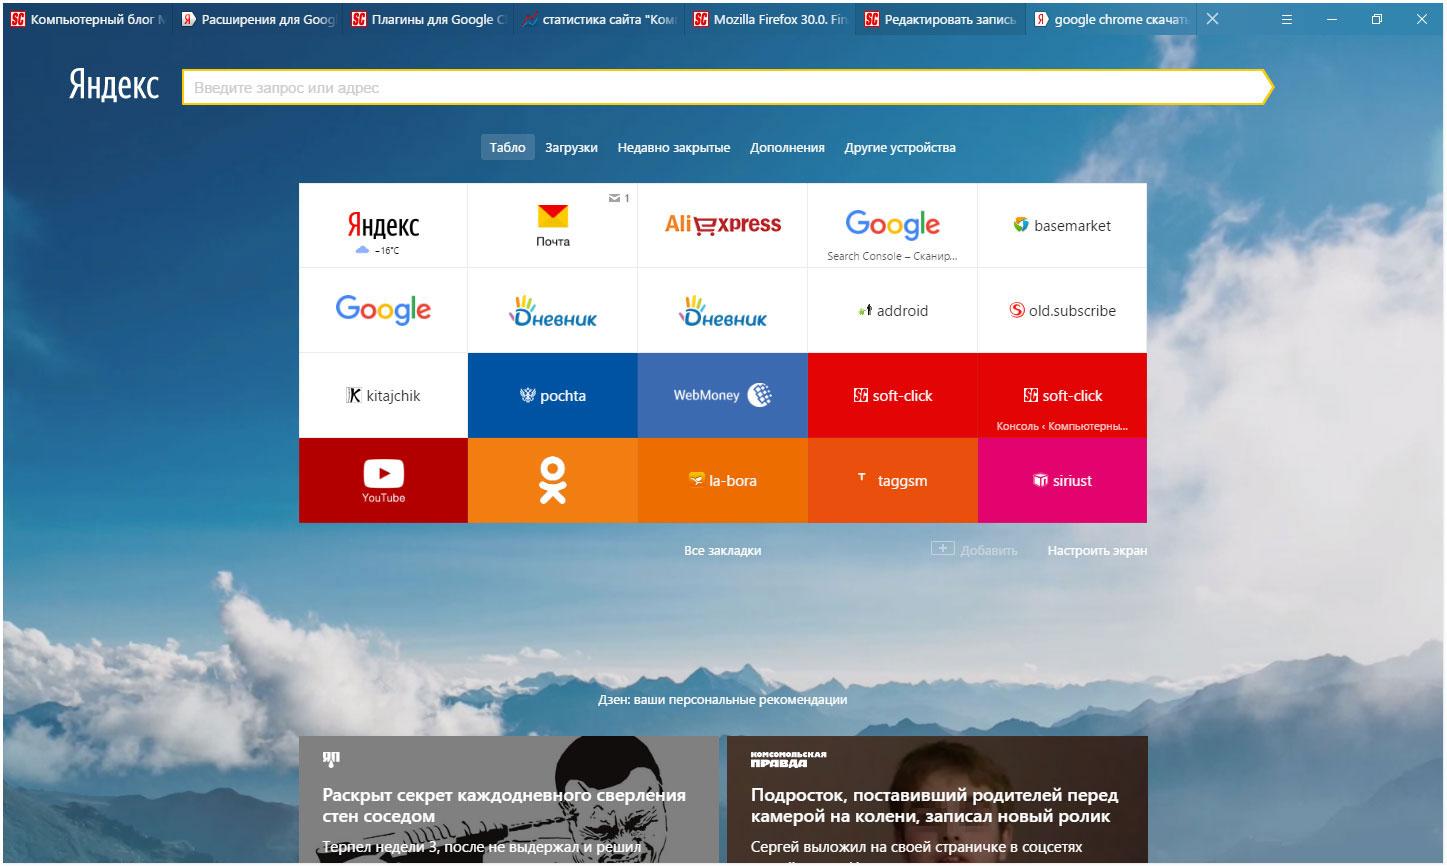 Обзор основных браузеров для Интернета (подборка от Soft-click.ru)